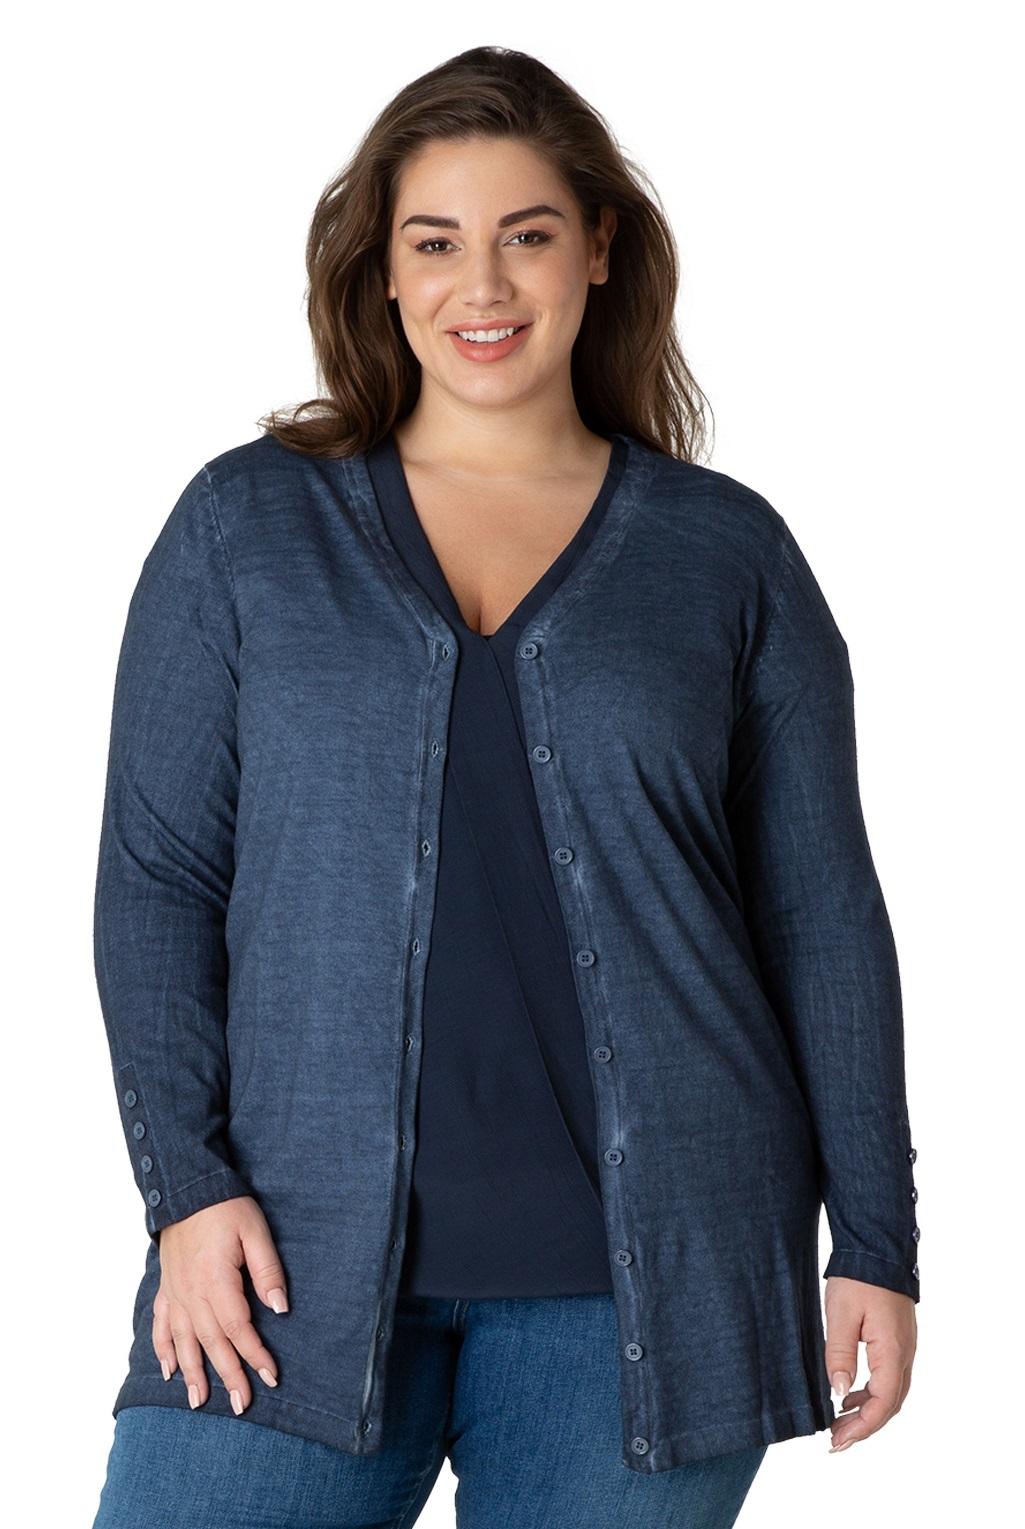 Vest Yaella Essential 81 cm Yesta